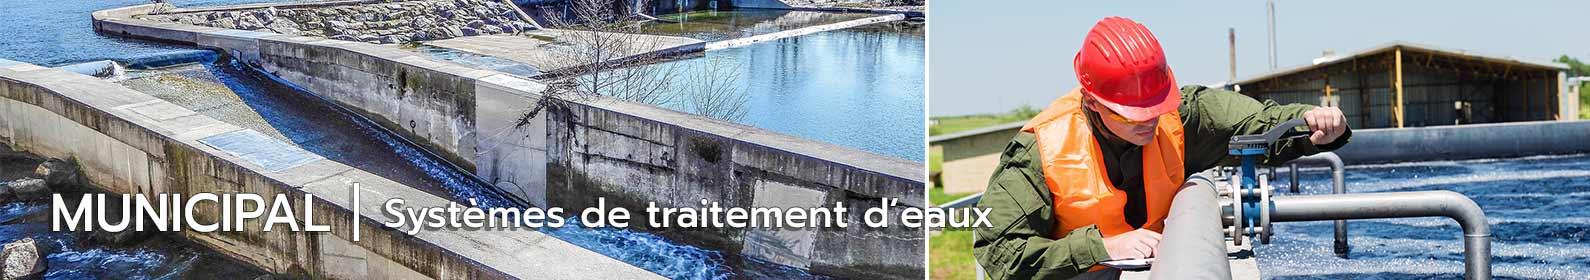 applications-de-traitement-de-l-eau-par-osmose-inverse-municipal.jpg